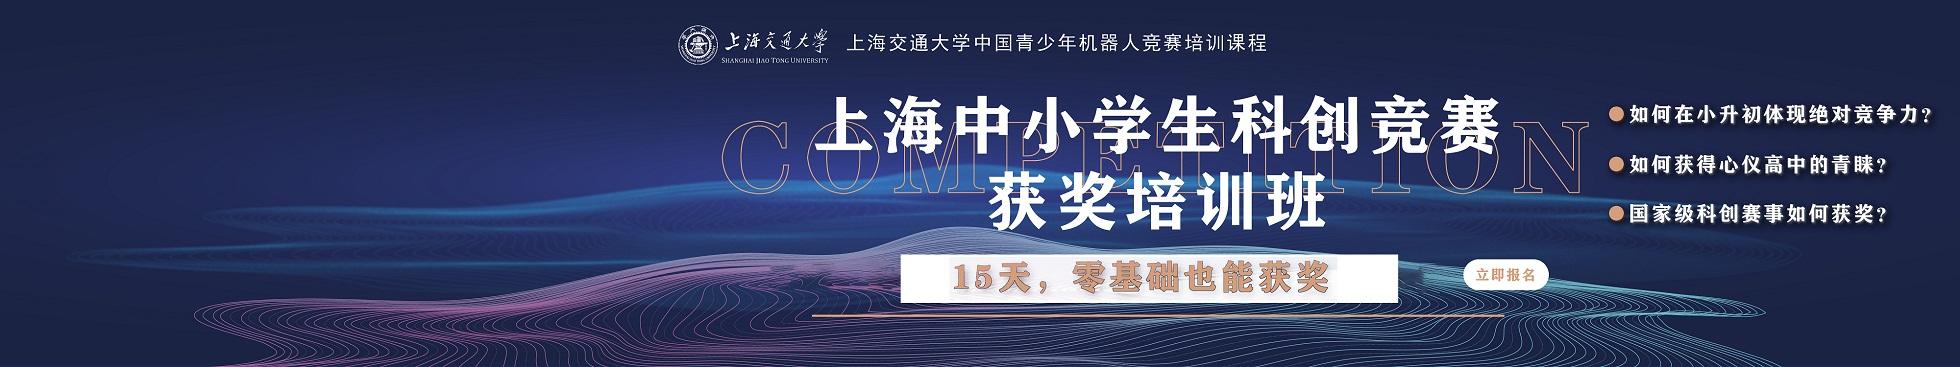 上海交大培訓